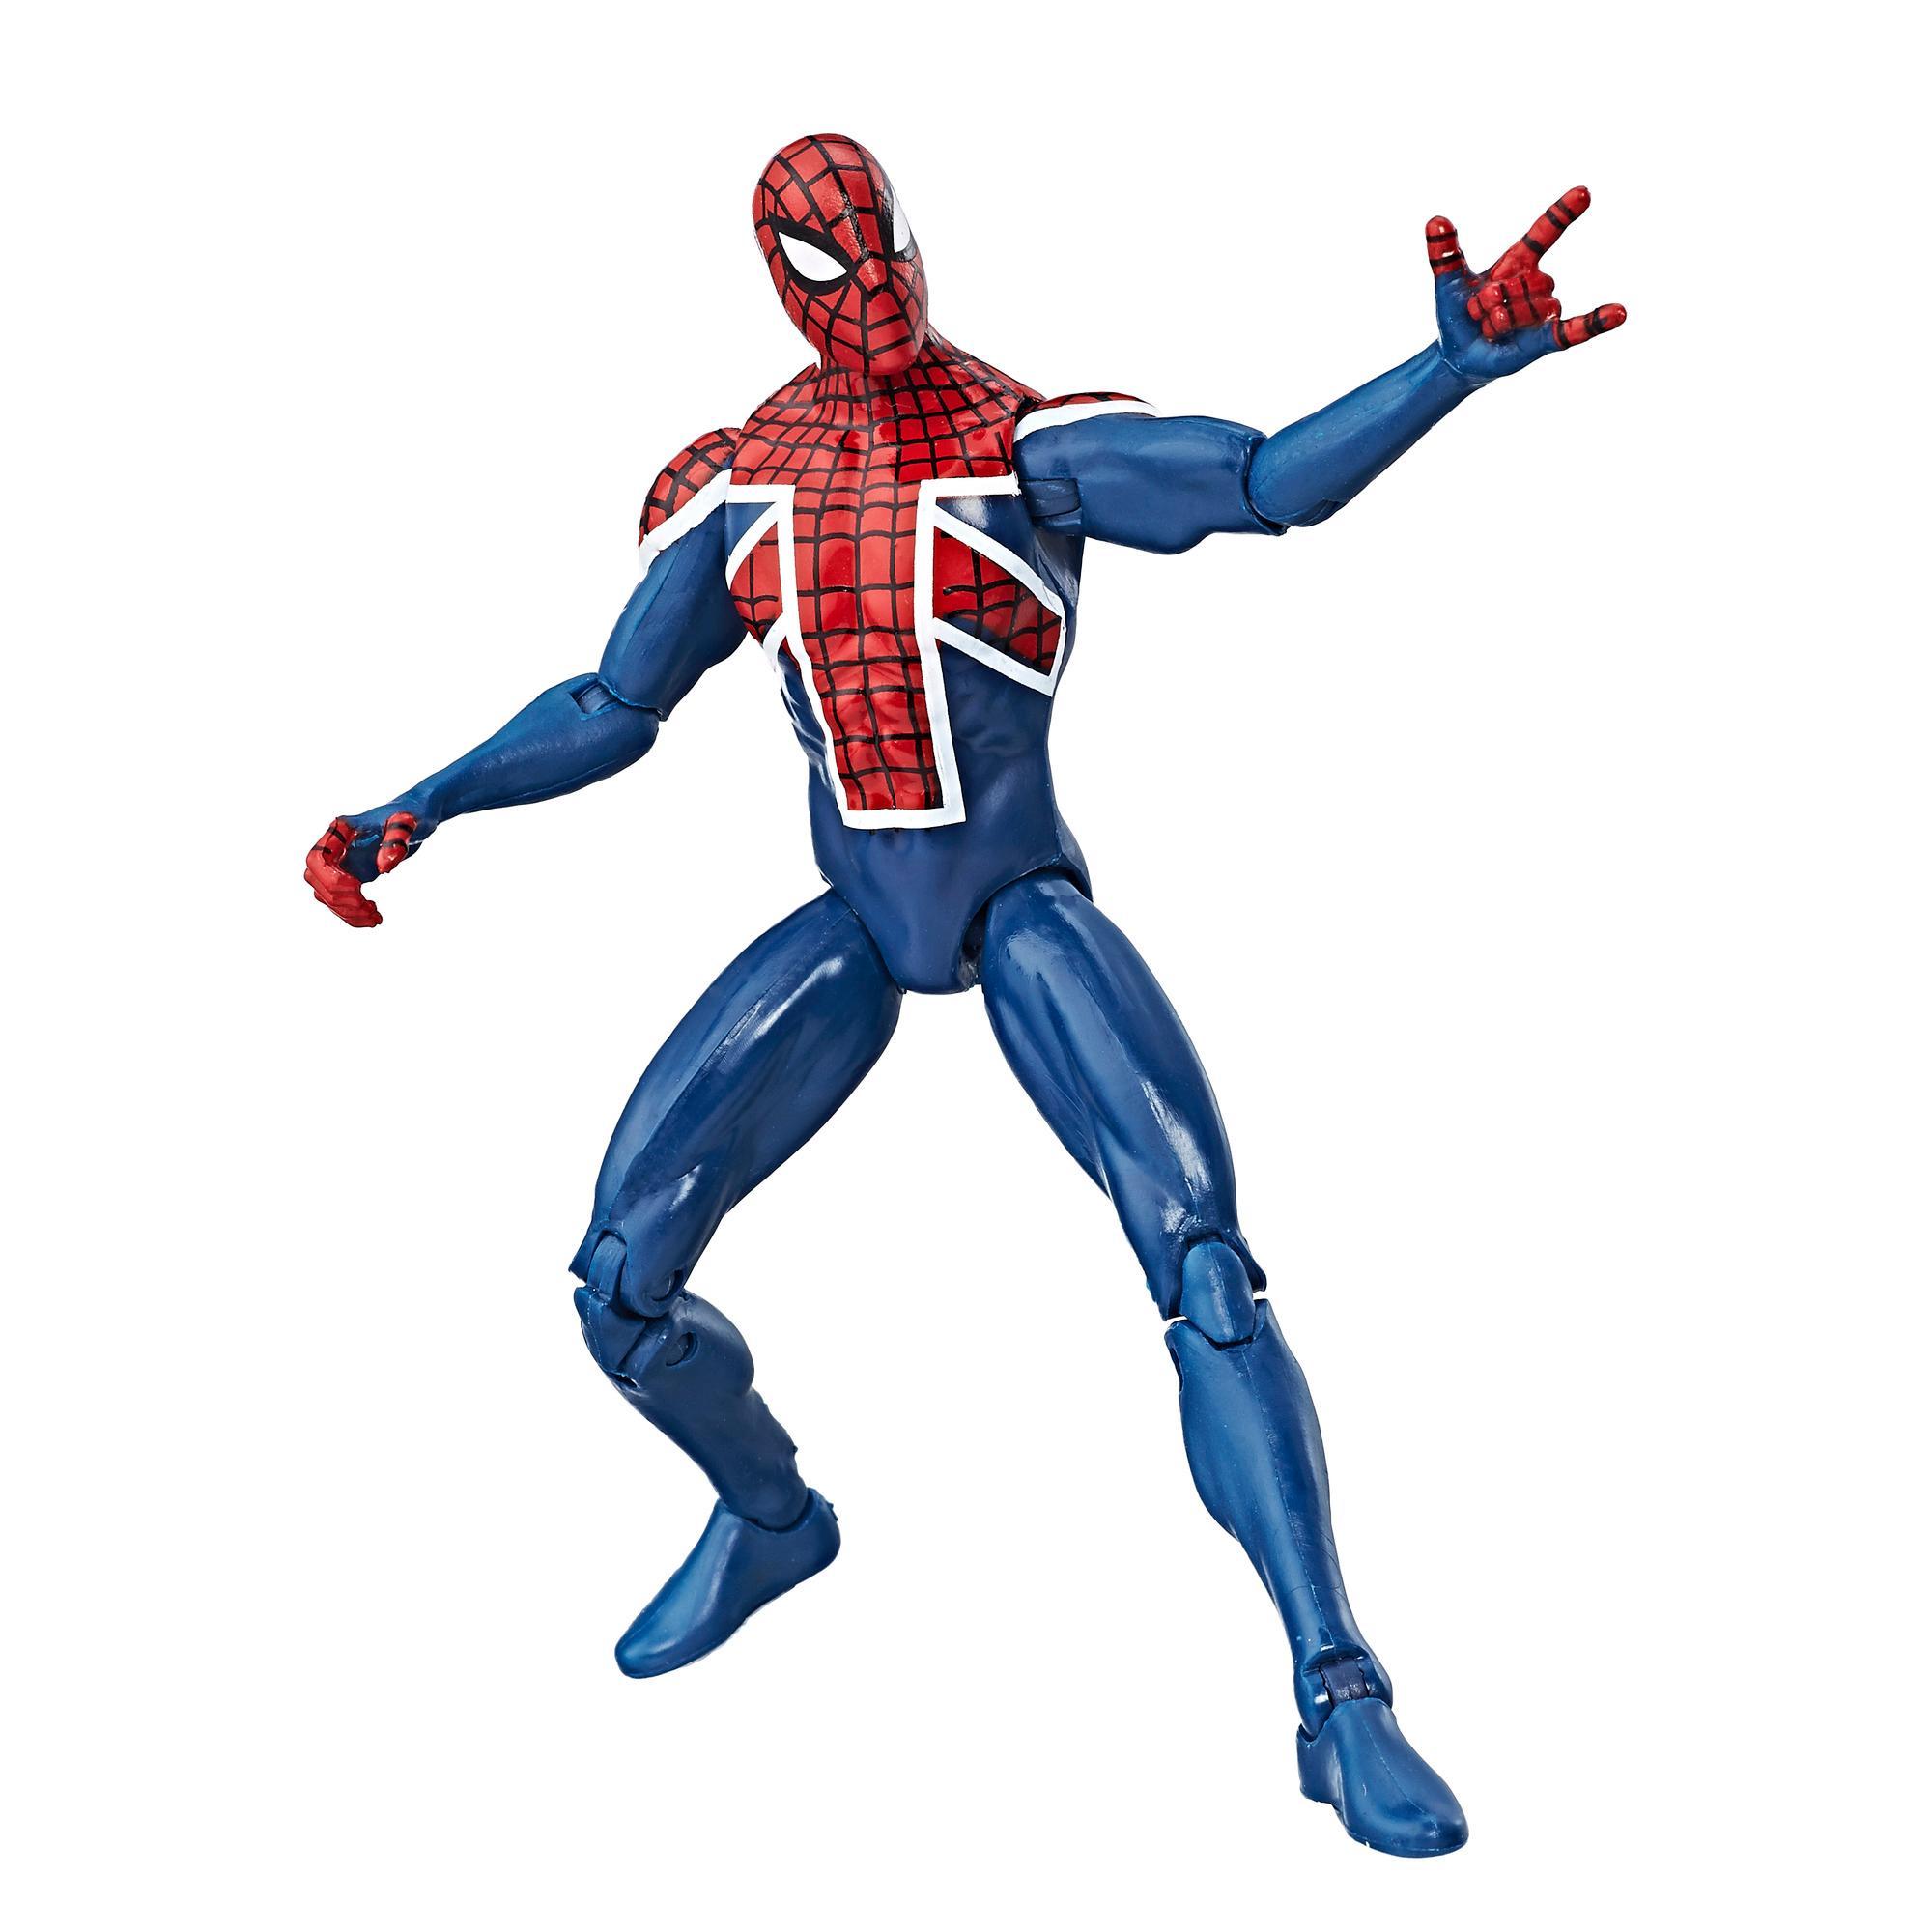 Marvel Legends Series - Marvel's Spider-UK de 9,5 cm